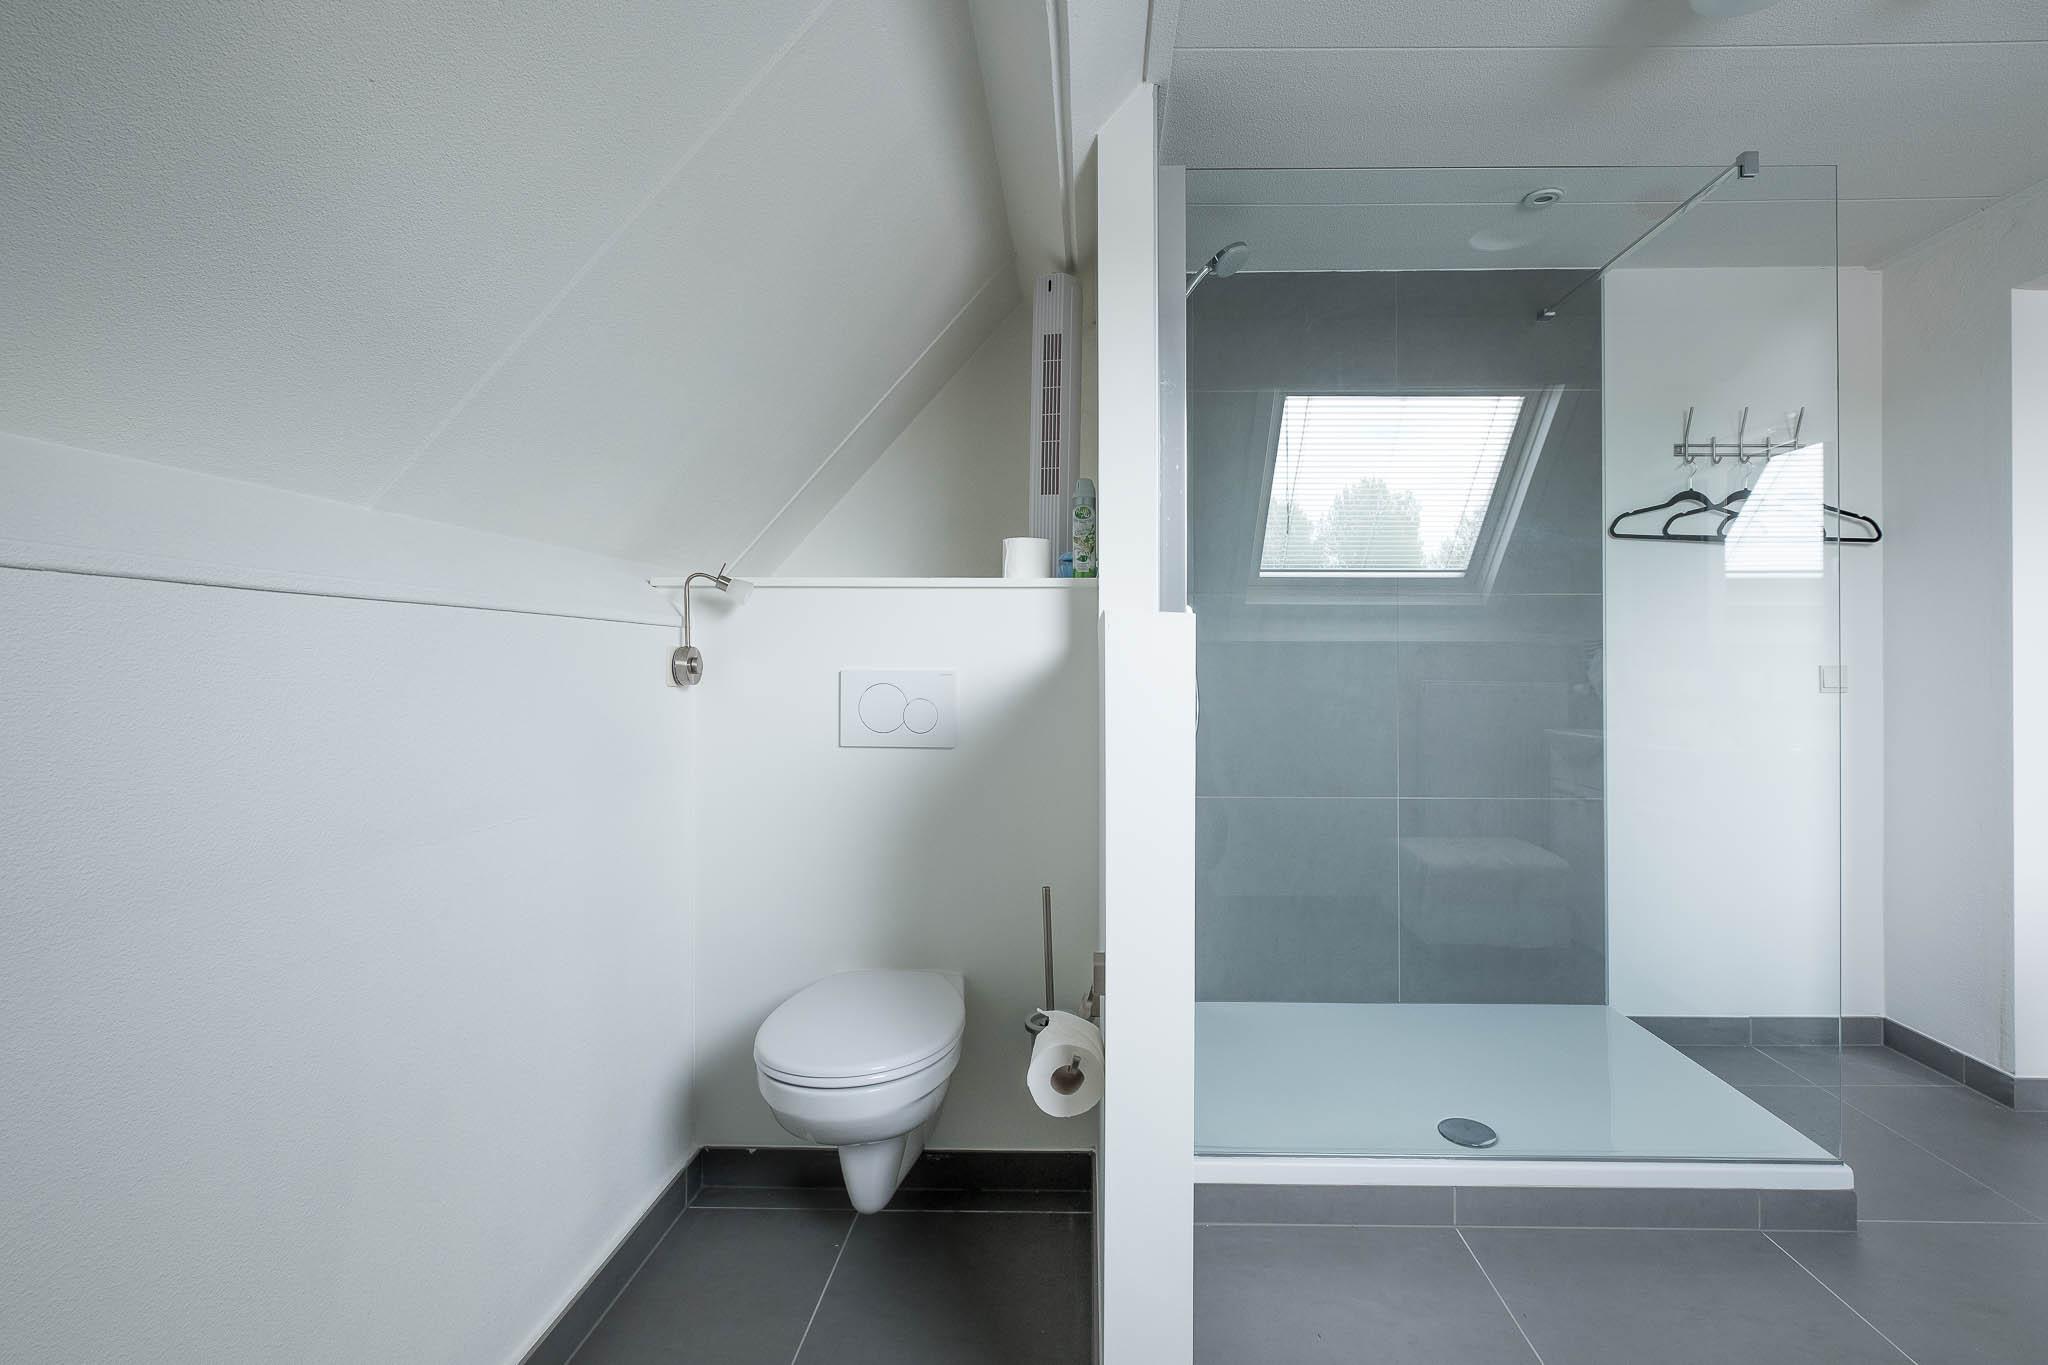 kamer 9 - badkamer2